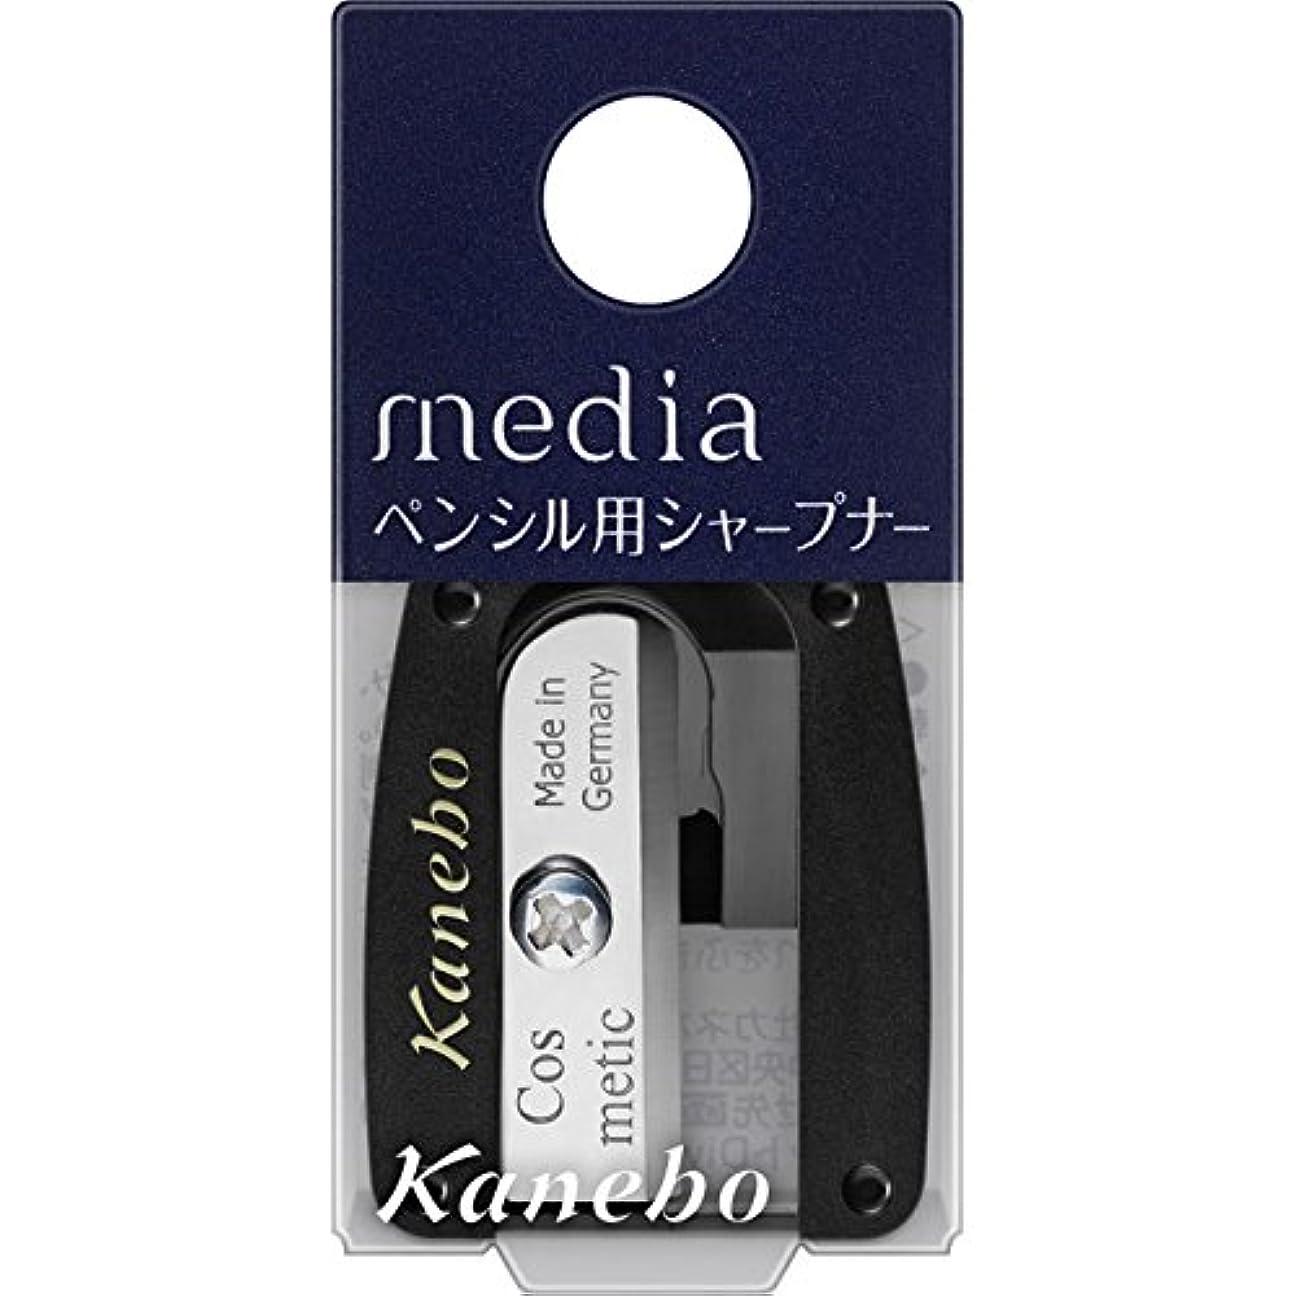 クレアプラスチック煙【カネボウ】 メディア ペンシル用シャープナー